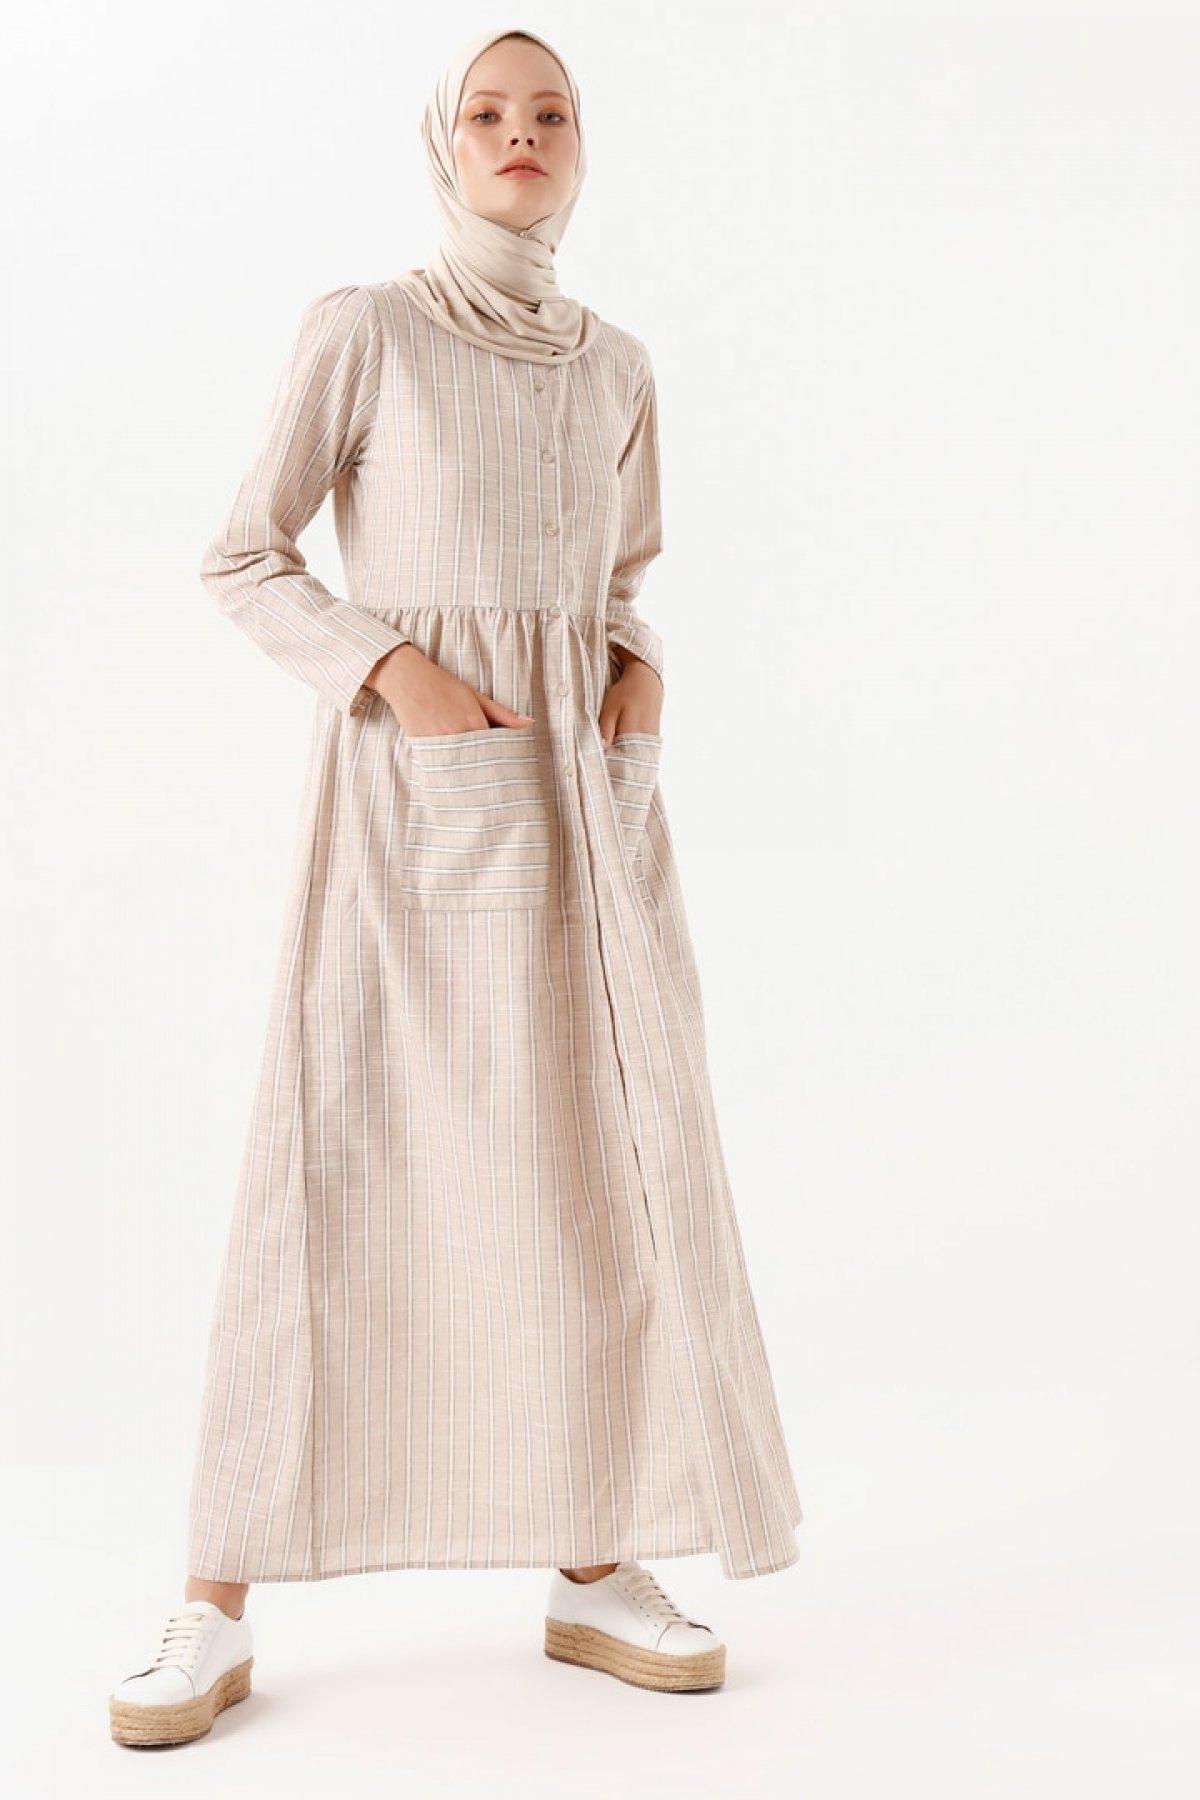 Phull Bej Çizgili Elbise